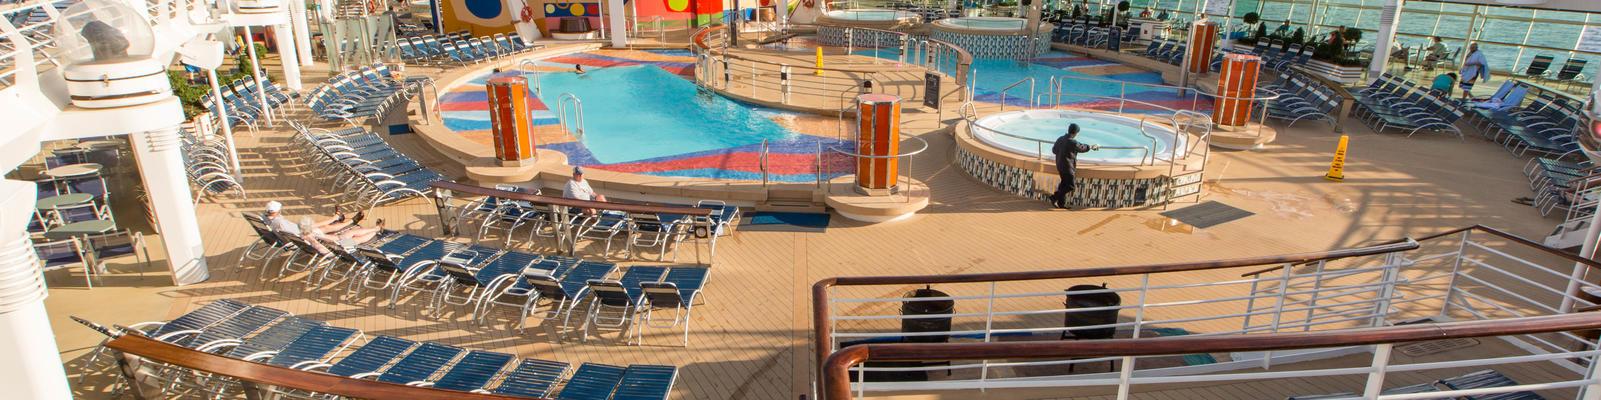 Best Cruise Deals from Galveston (2019): Cheap & Discount